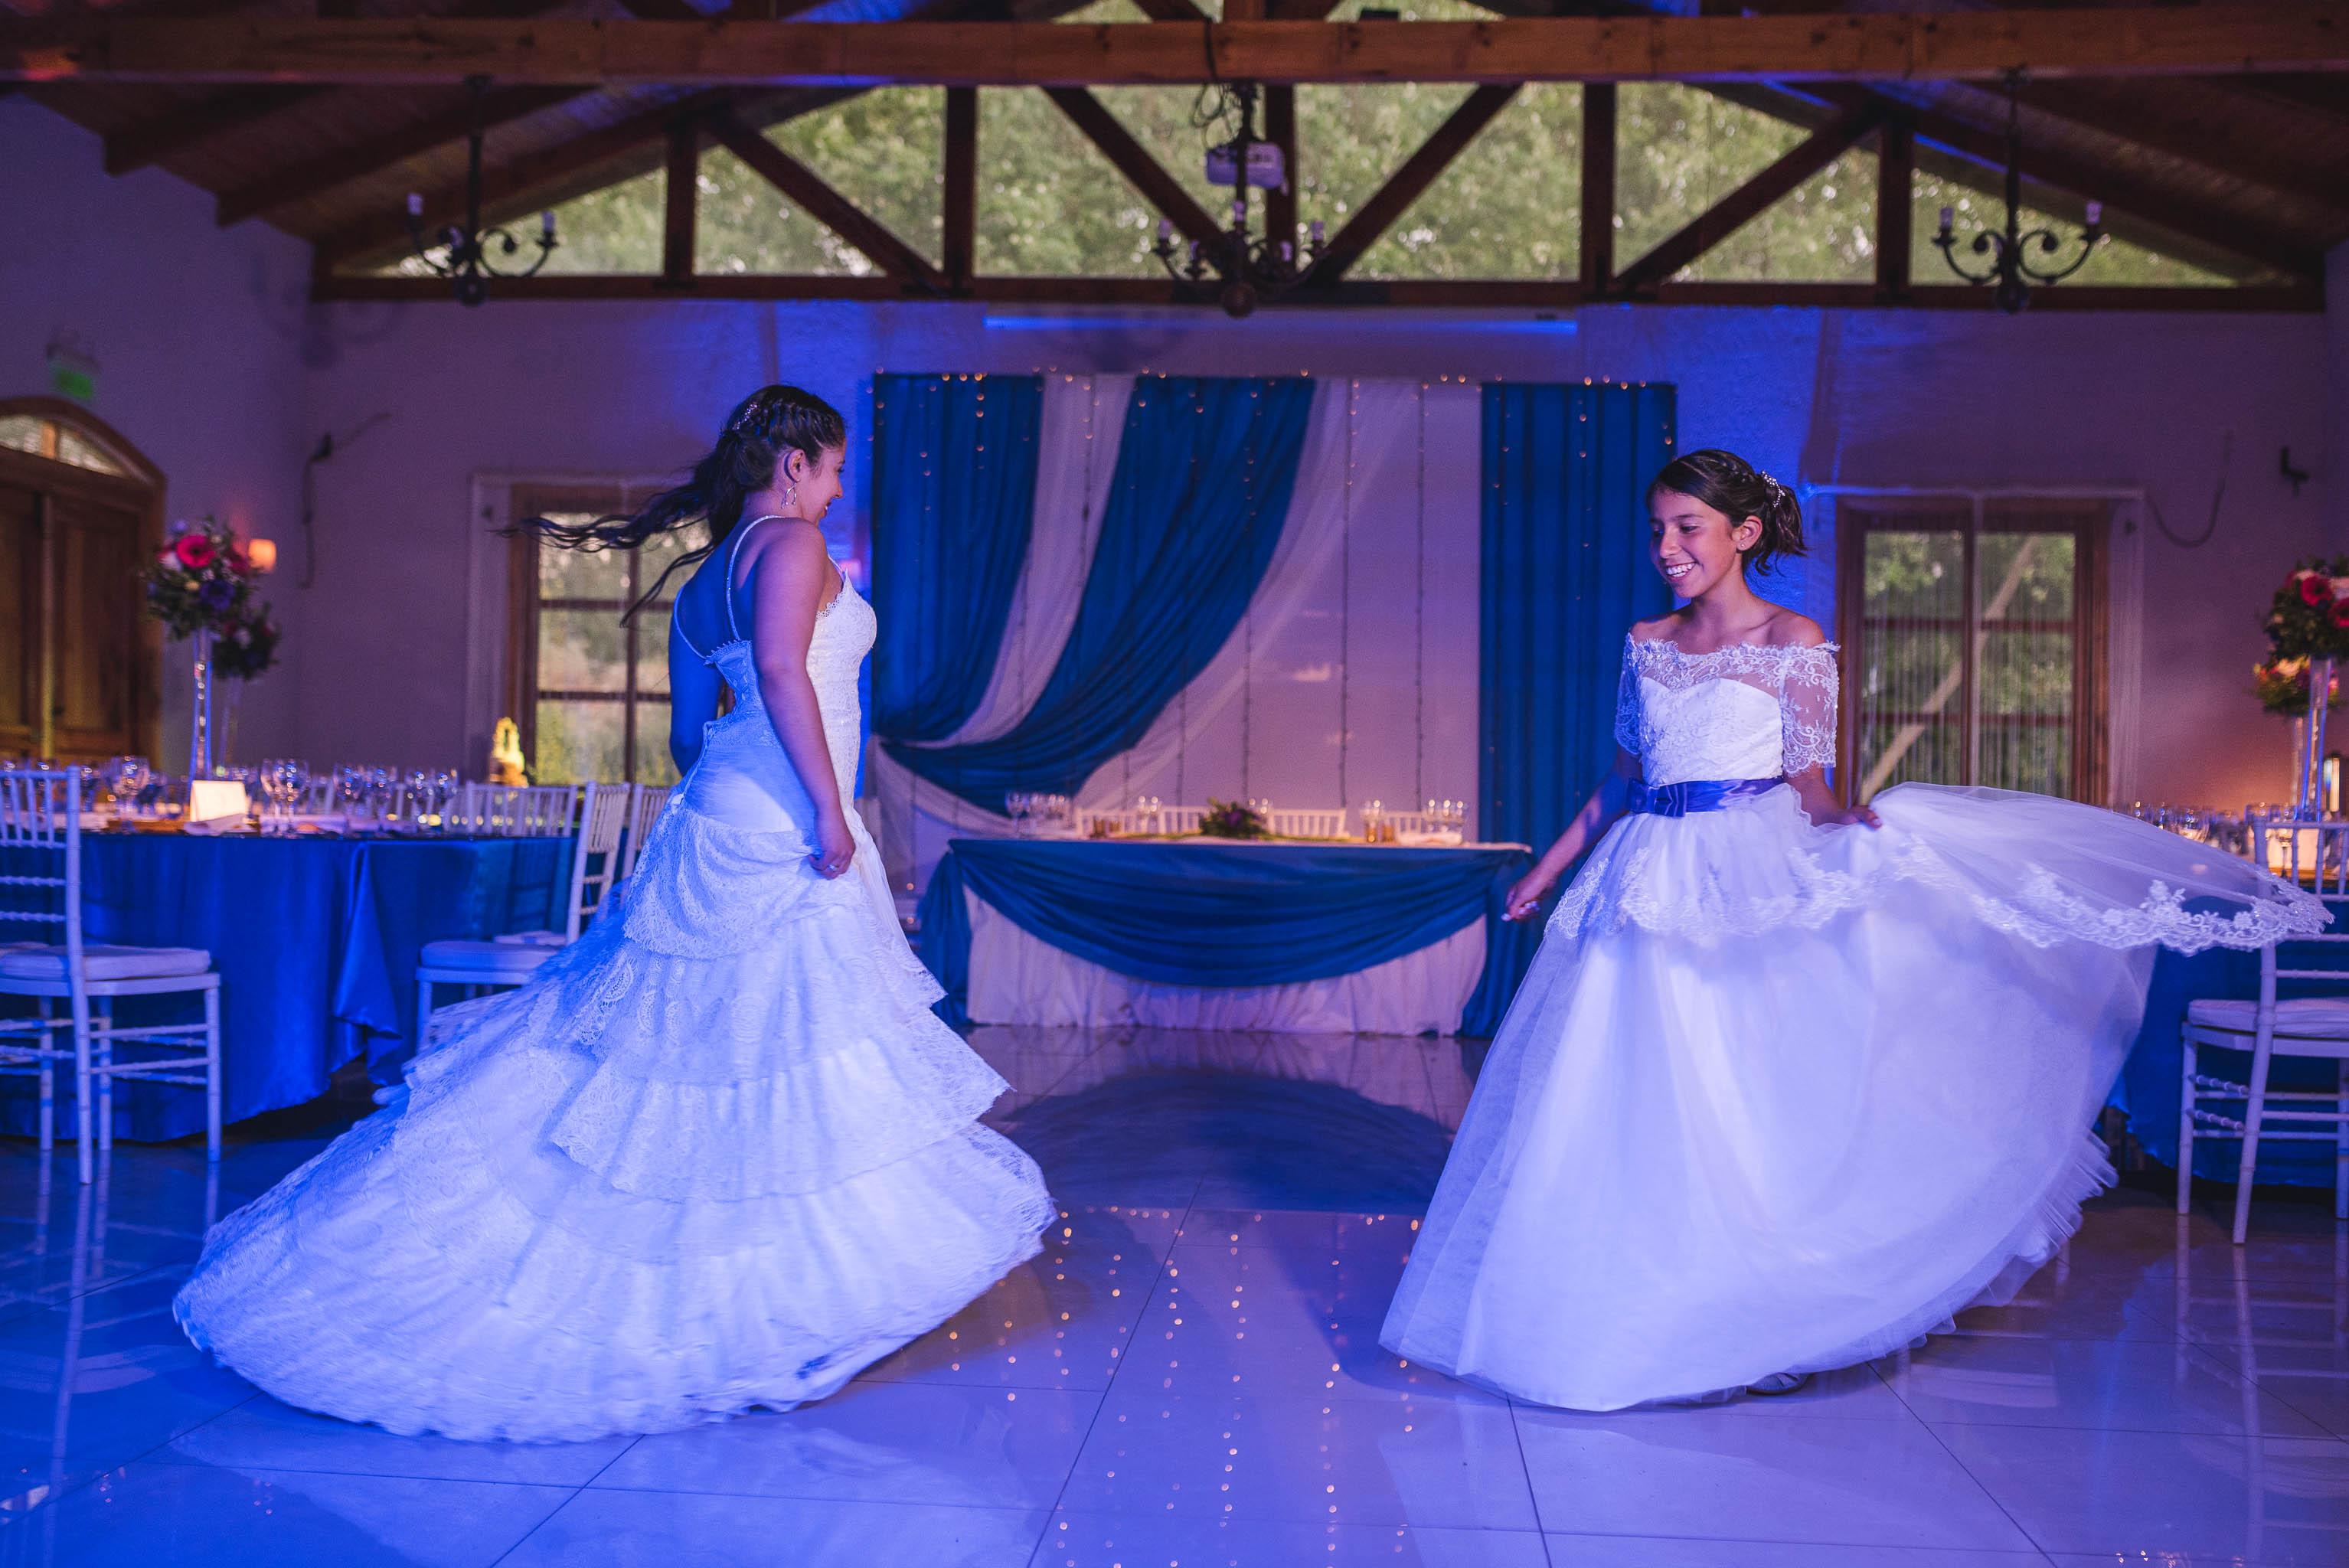 Matrimonio-centro de eventos-oliveto-santiago-fotógrafo de matrimonios